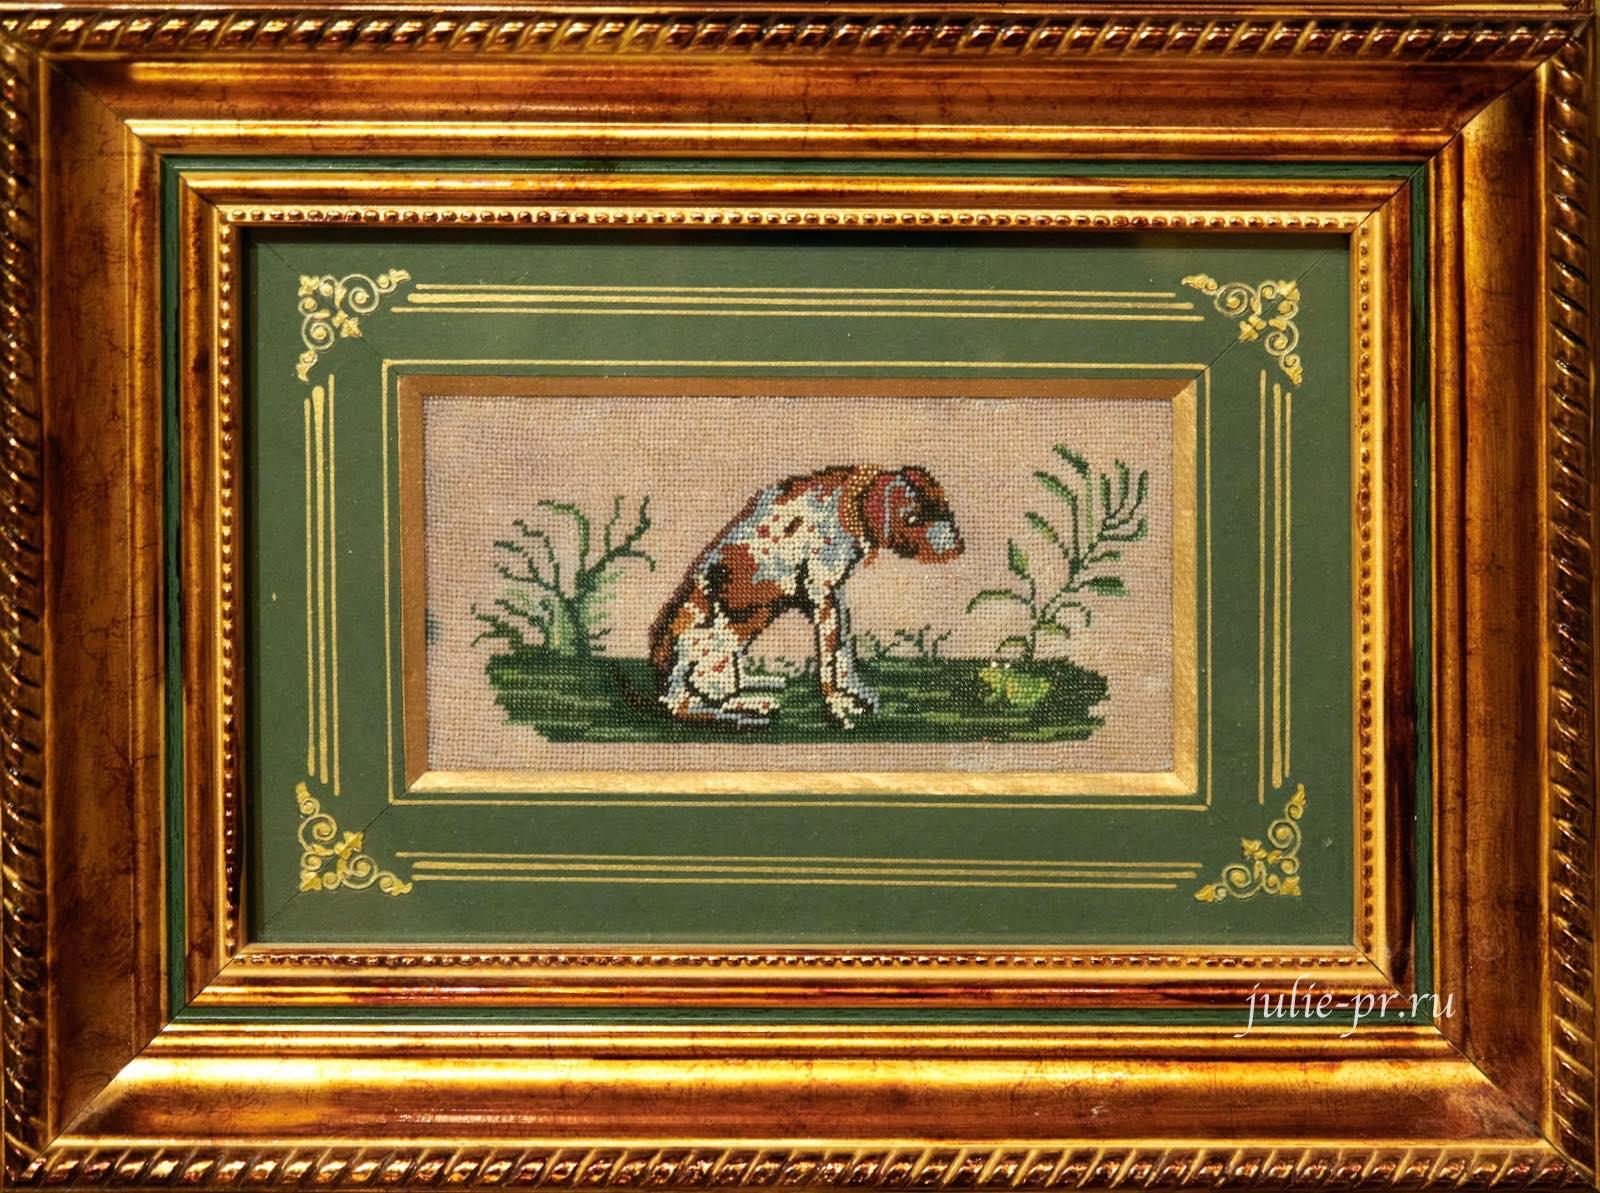 Пёс и лягушка, вышивка венецианским бисером по канве, выставка Старинные вышивки